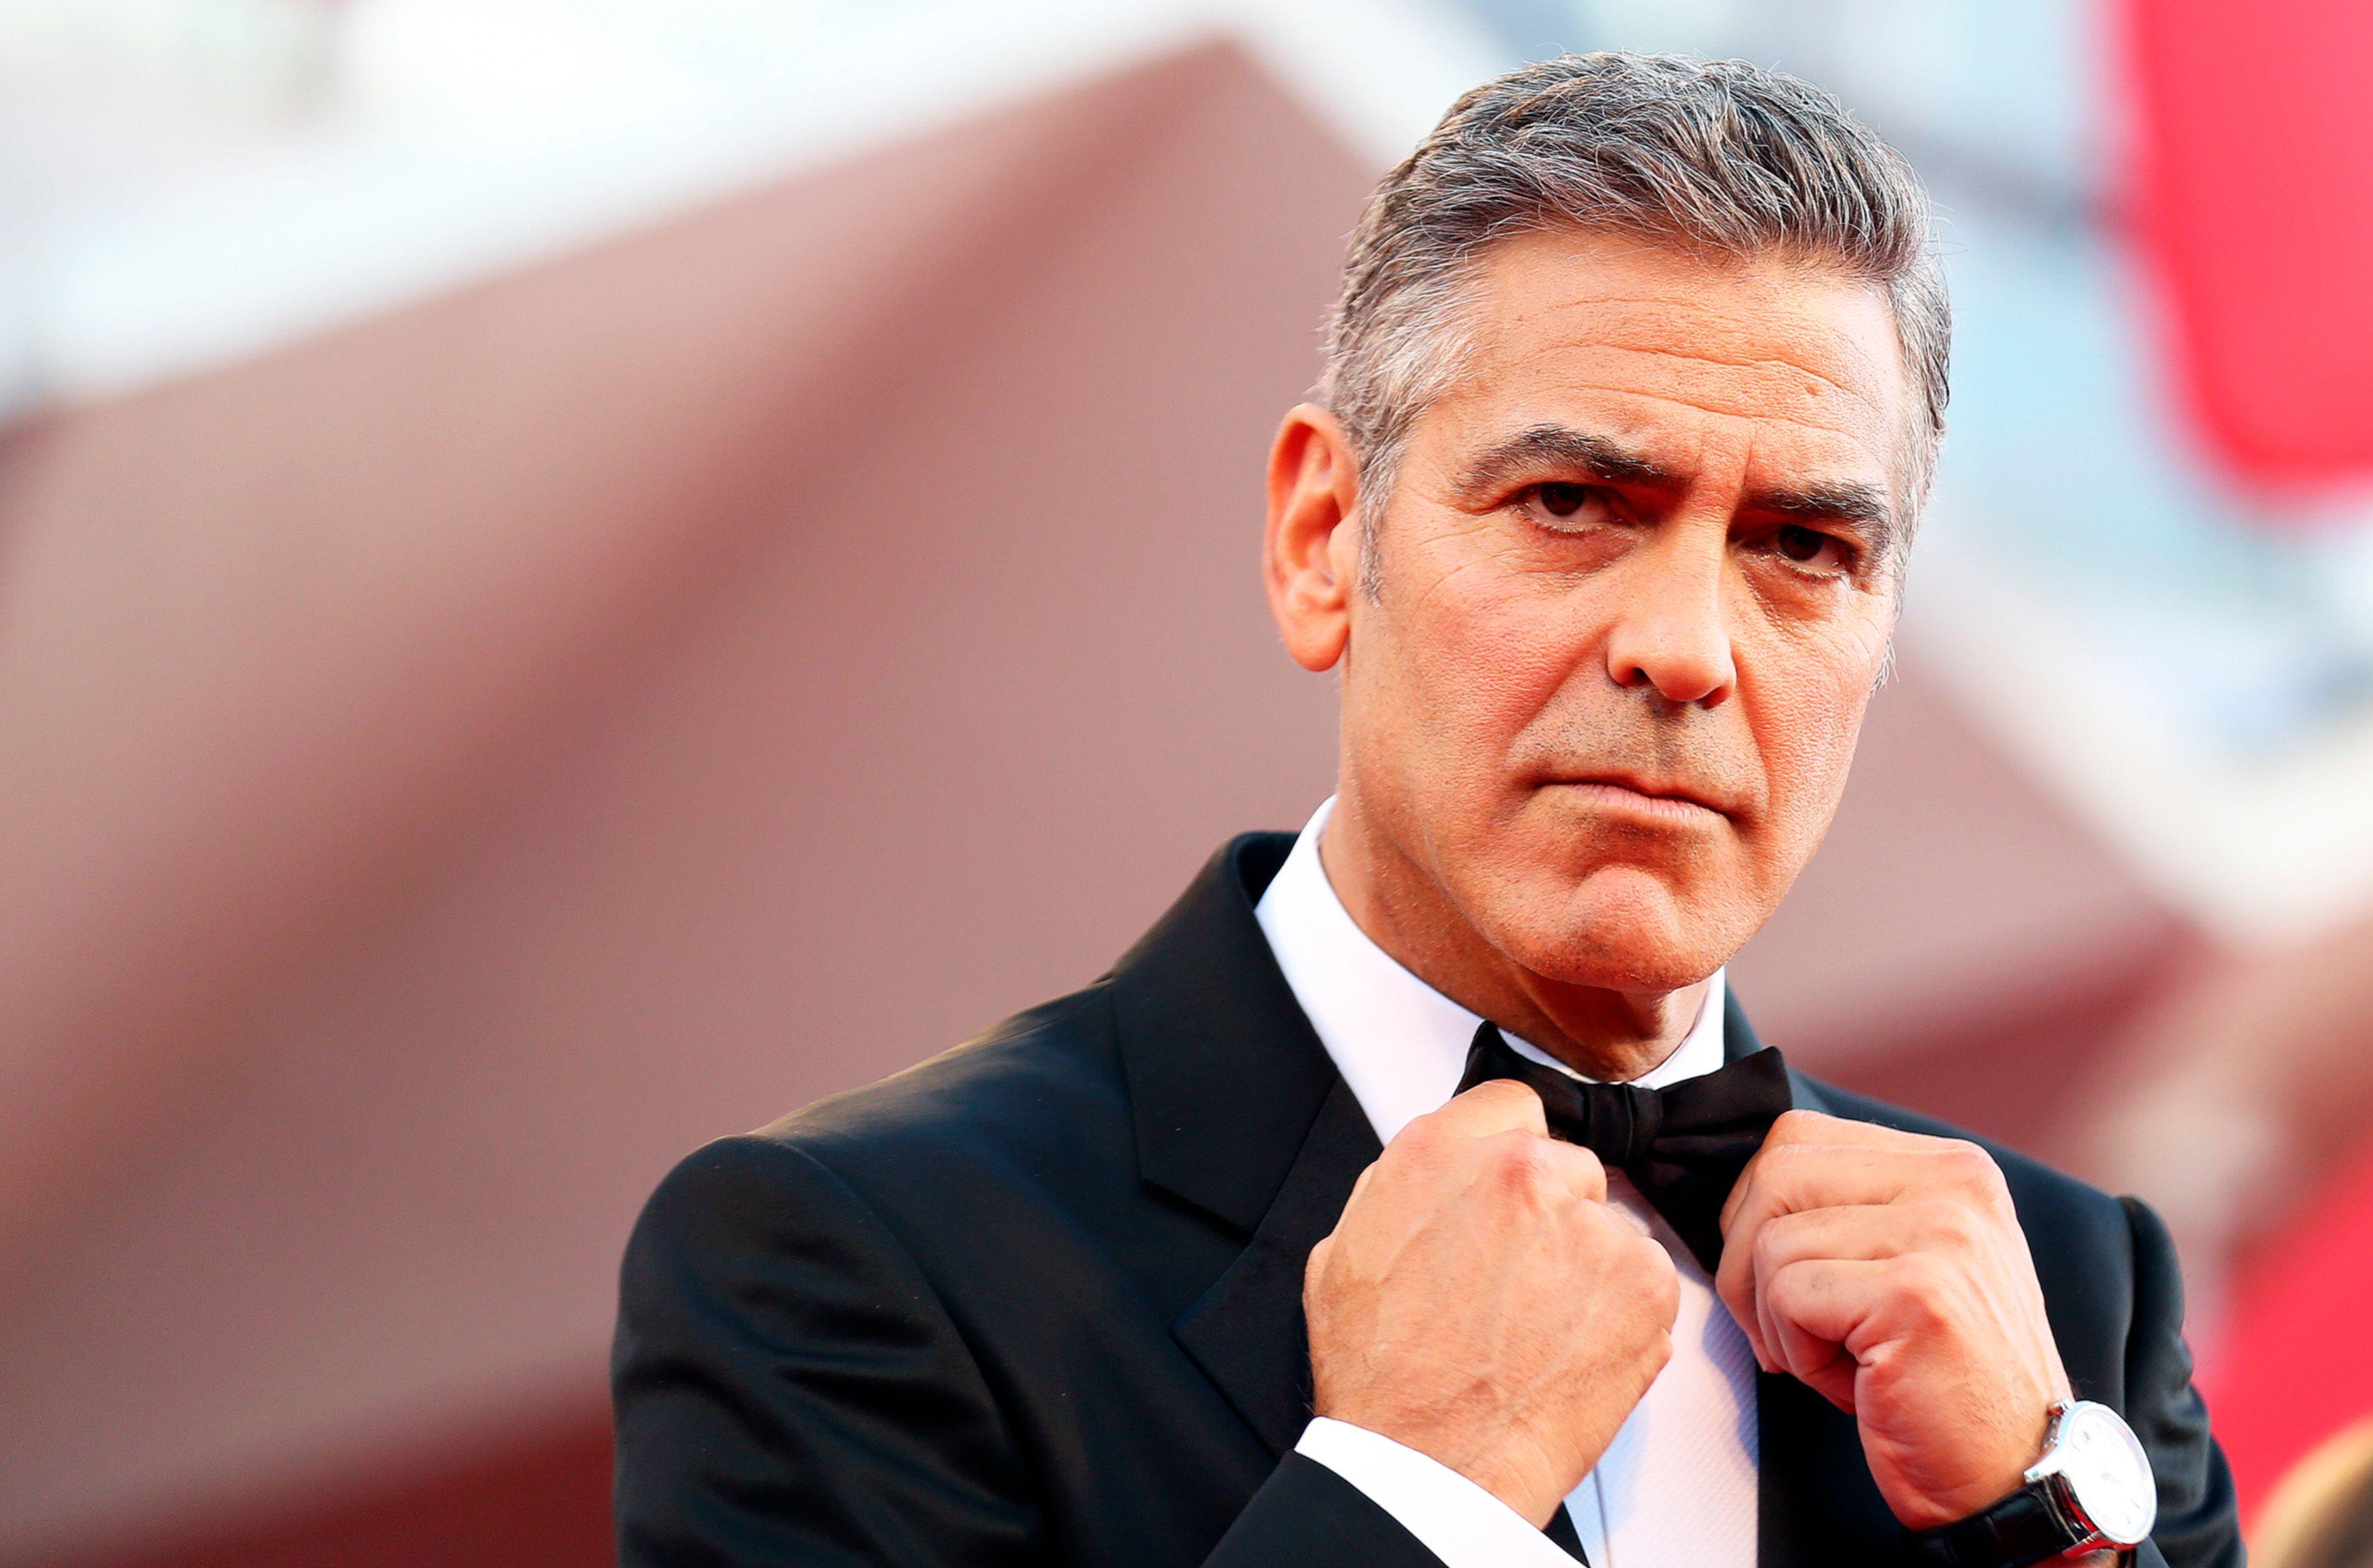 Georges Clooney recevra un César d'honneur